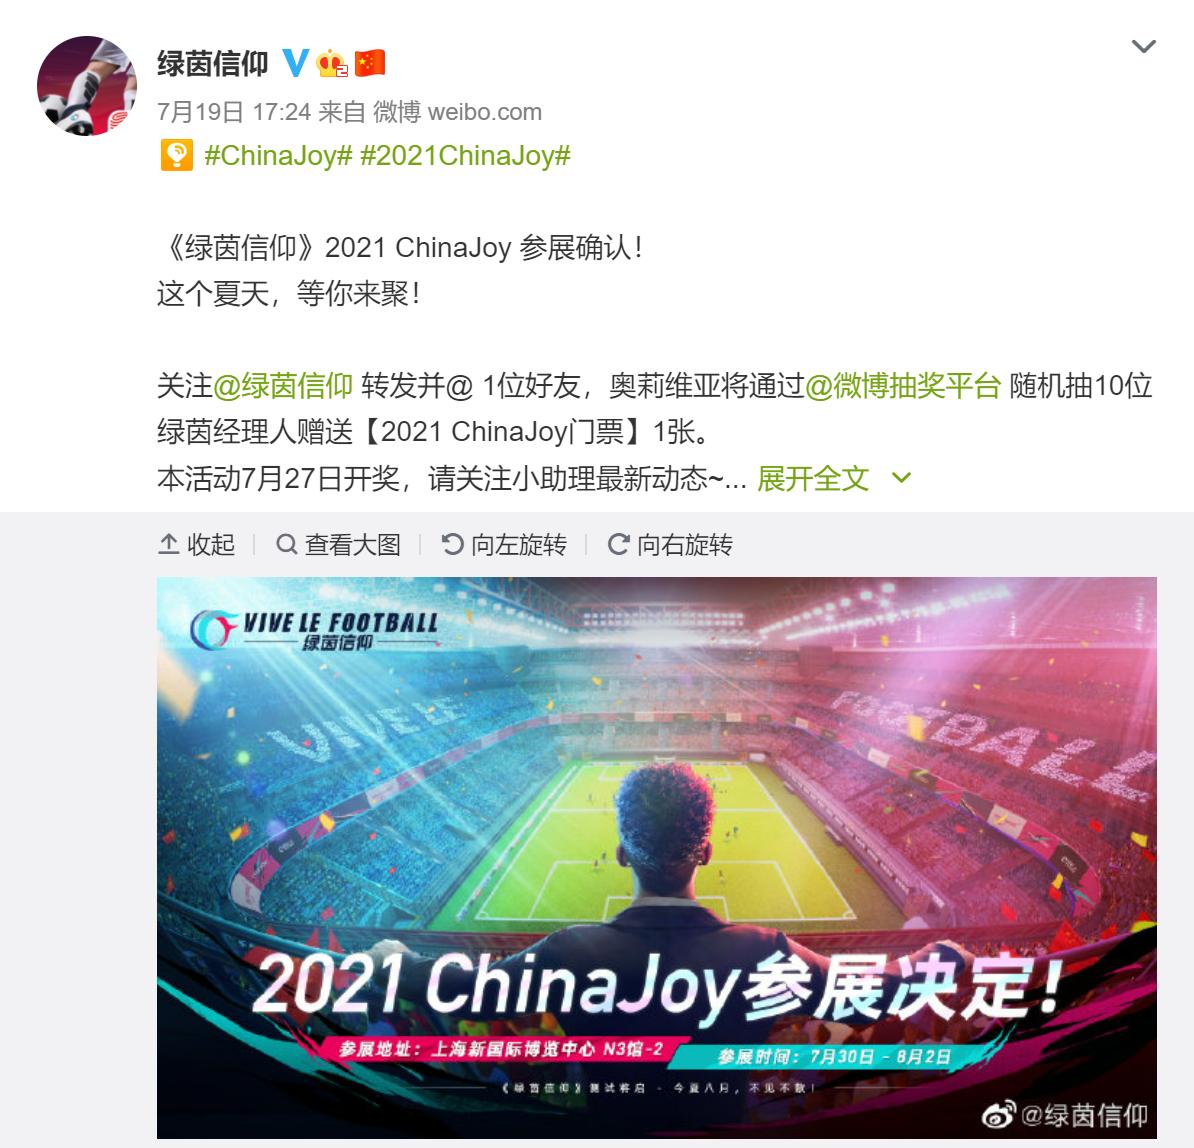 缤纷活动等你来!《绿茵信仰》2021ChinaJoy参展确认!